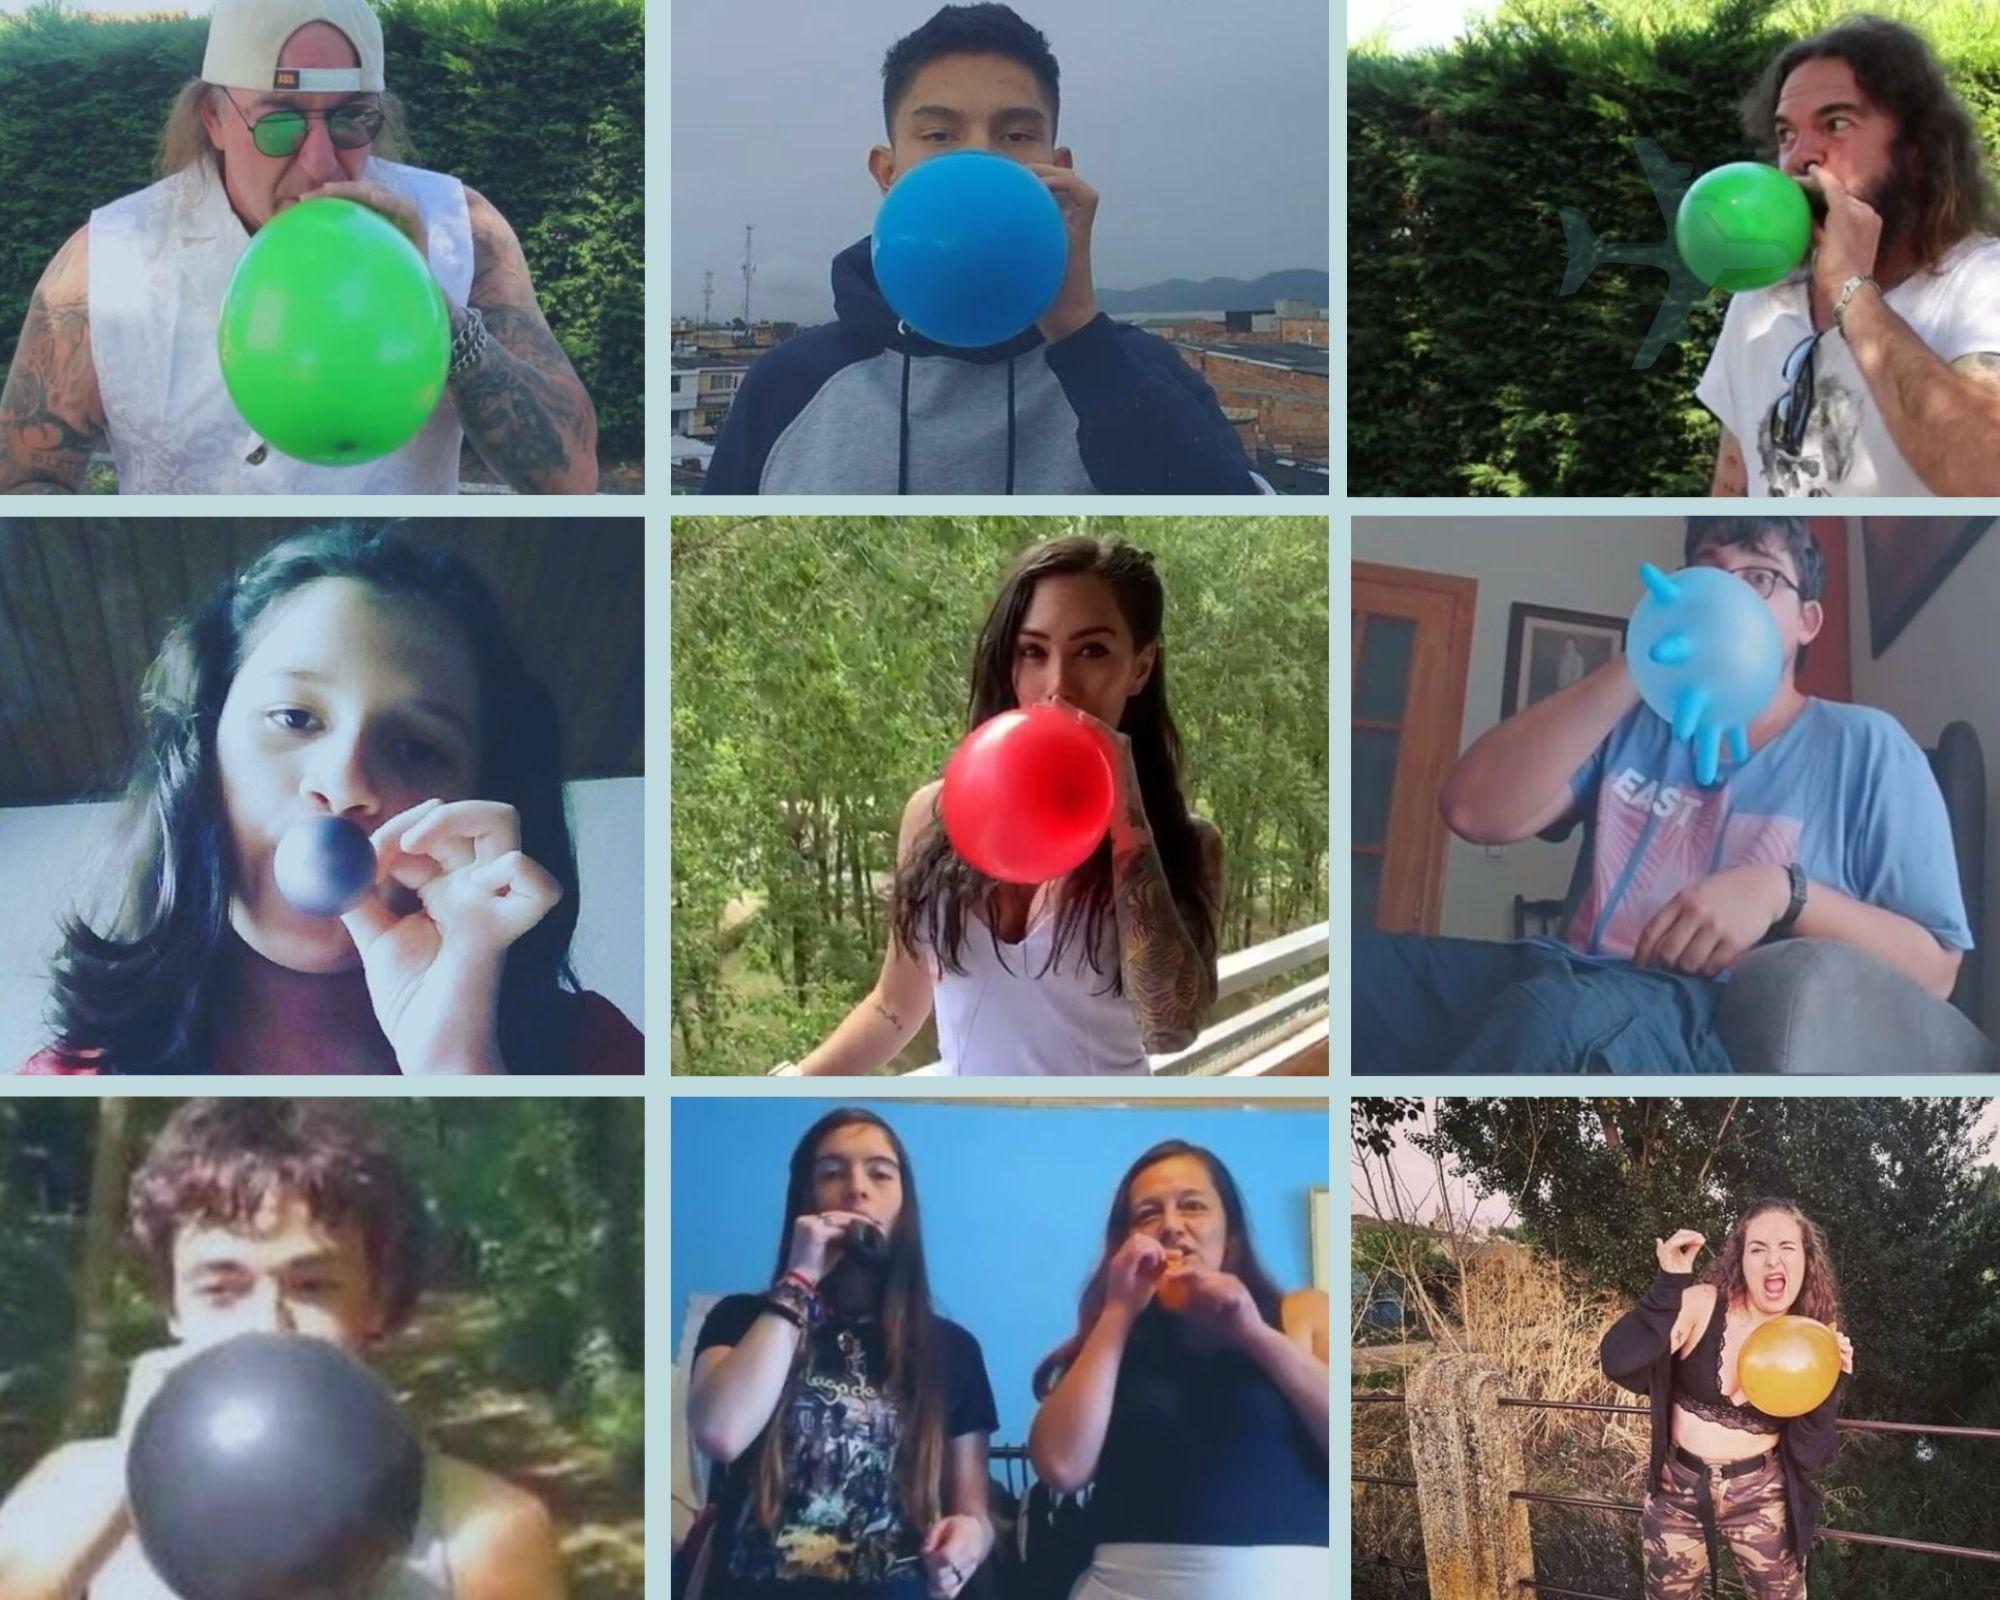 Personas por todo el mundo participan del#GaiaChallenge